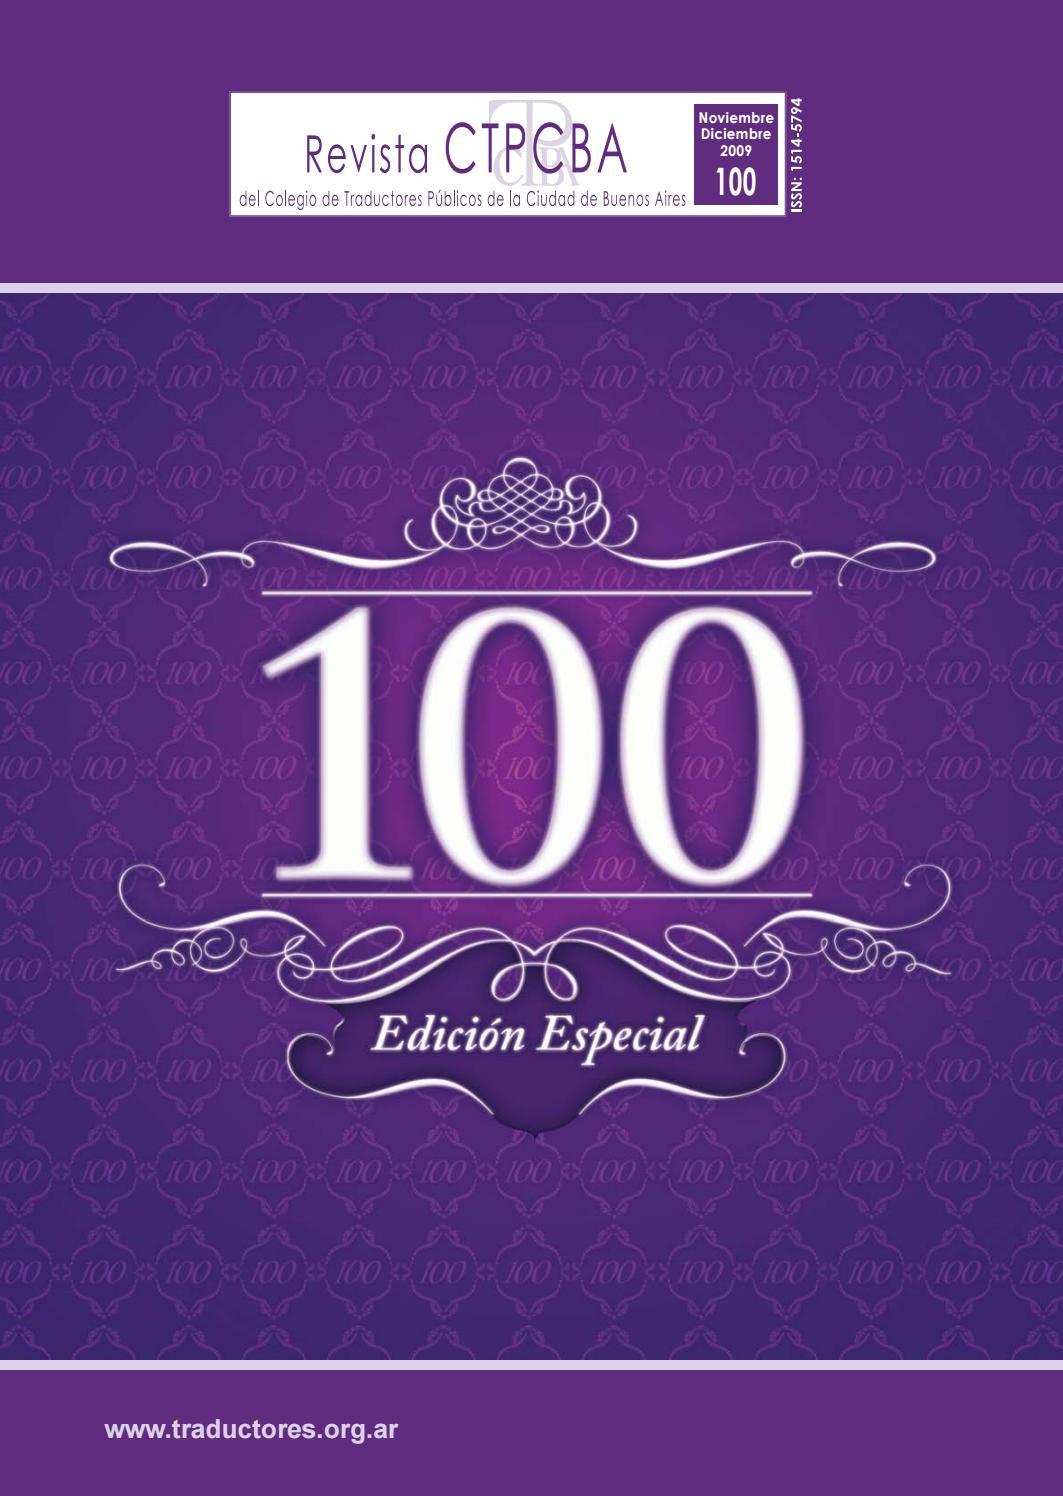 Revista CTPCBA N.º 100 by Colegio de Traductores Públicos de